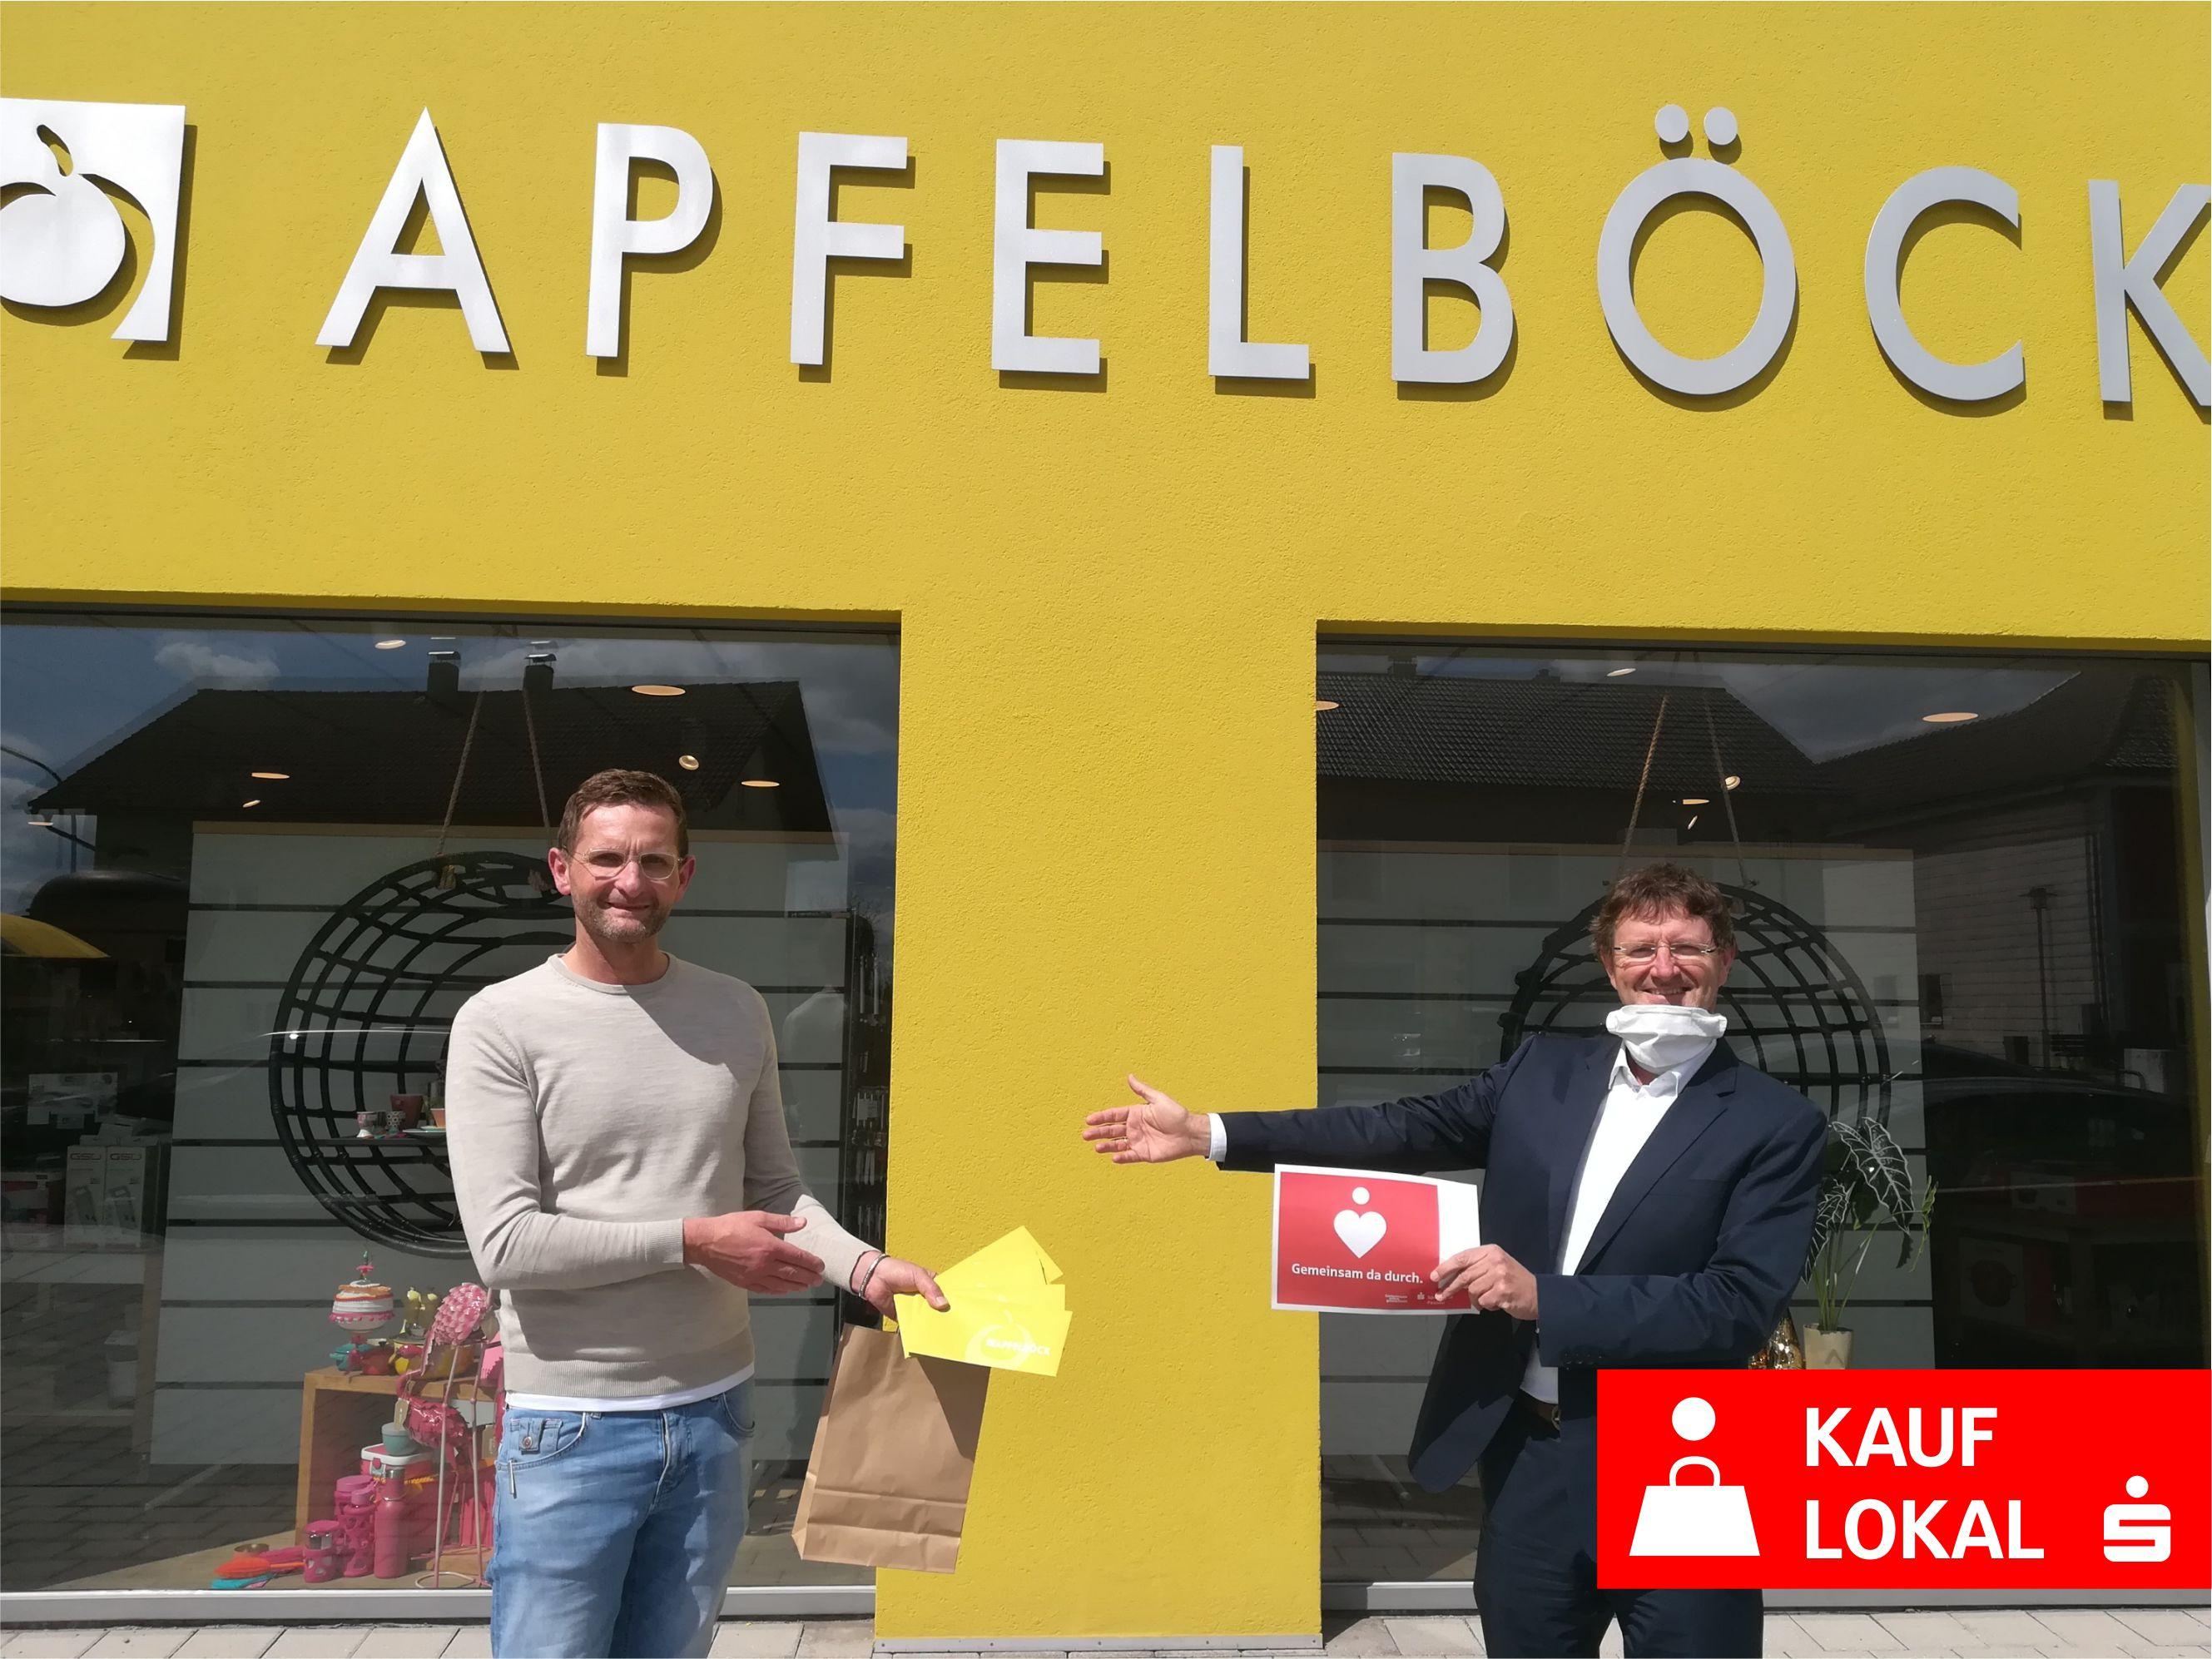 Apfelböck-GS-Eging_Kauf-lokal